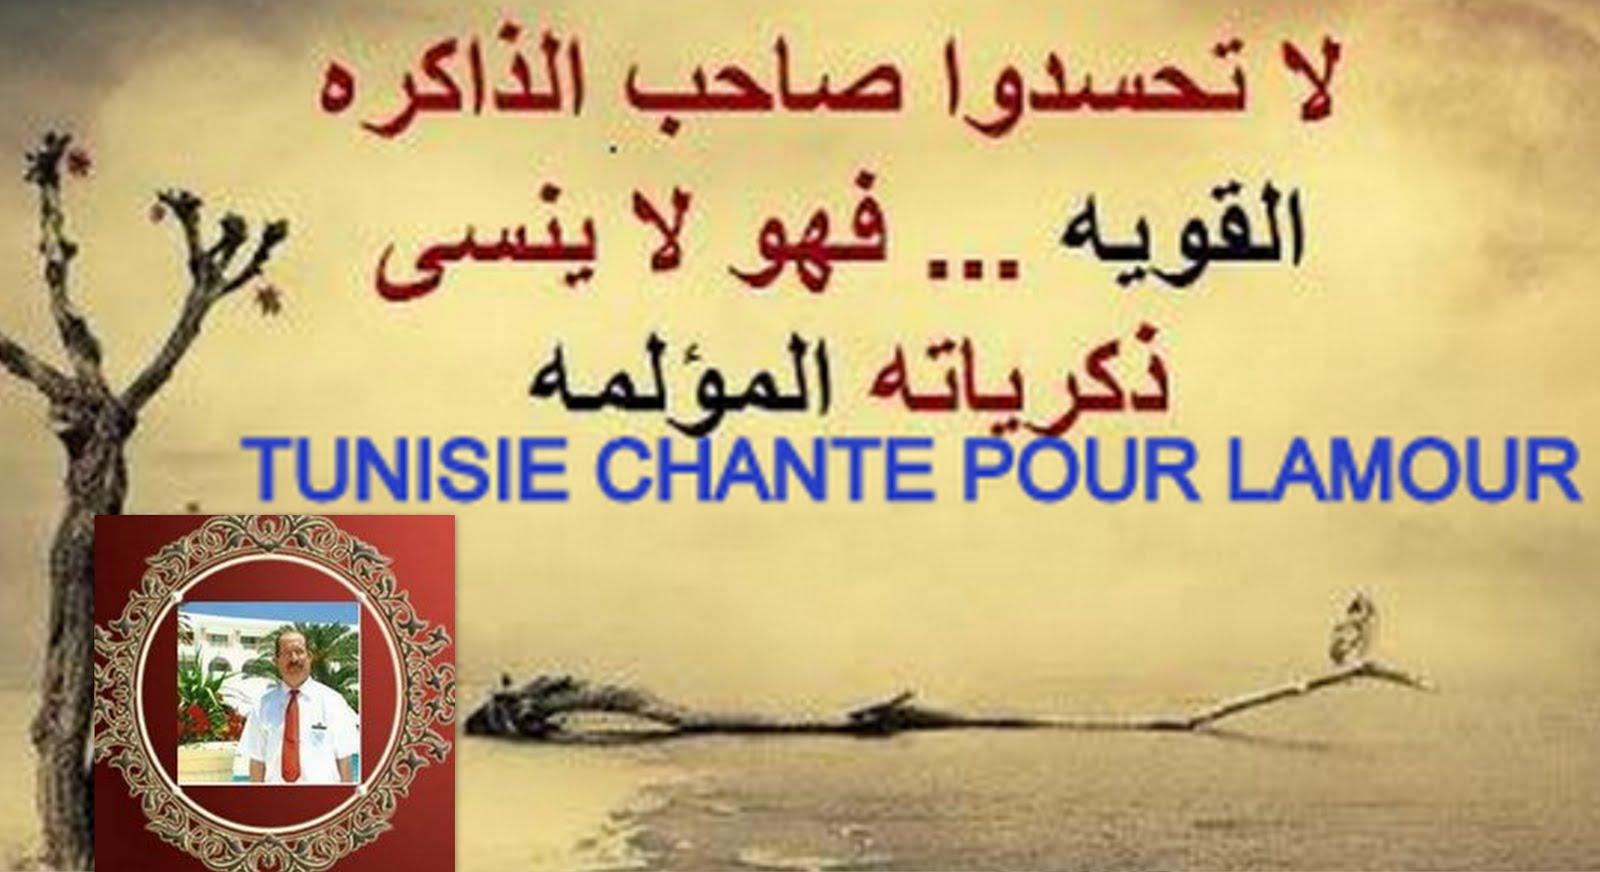 tunisie chante pour l'amour